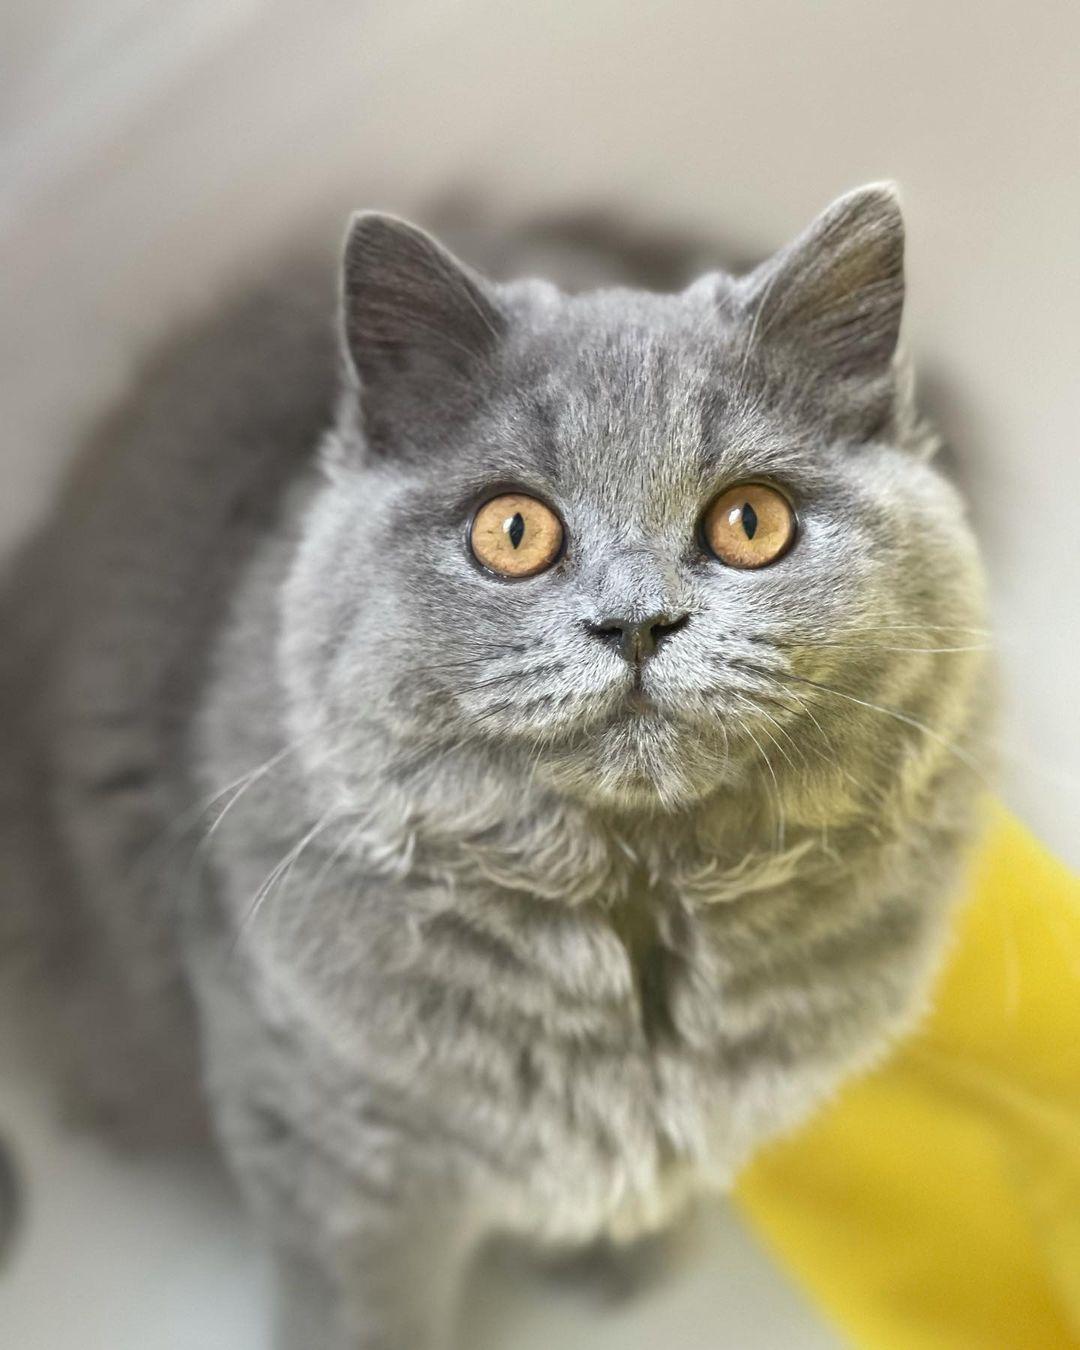 Viêm vú ở mèo - Những điều bạn cần biết để chăm sóc